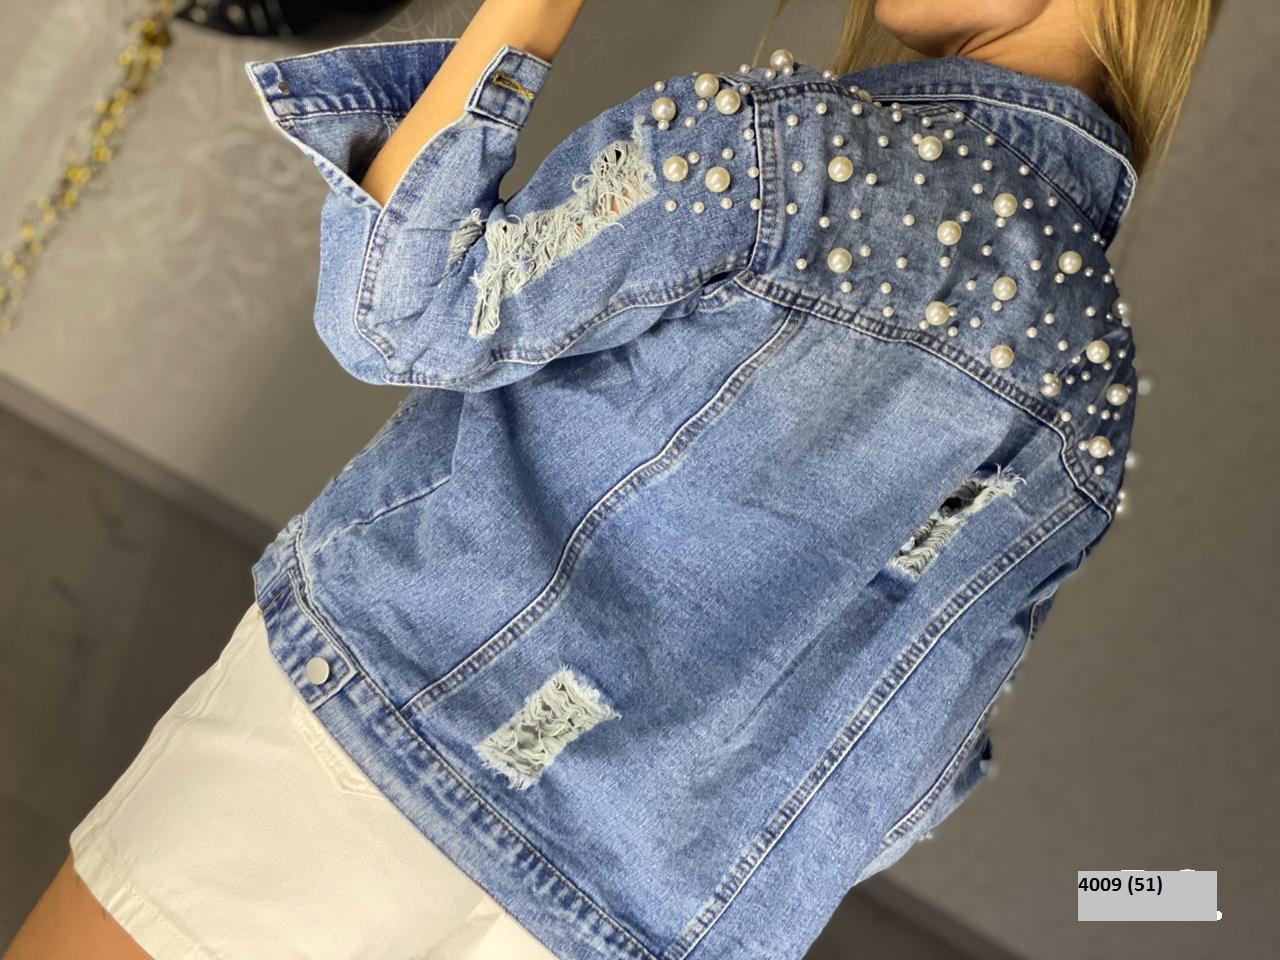 Куртка джинсовая стильная 4009 (51), размер универсал 42-46